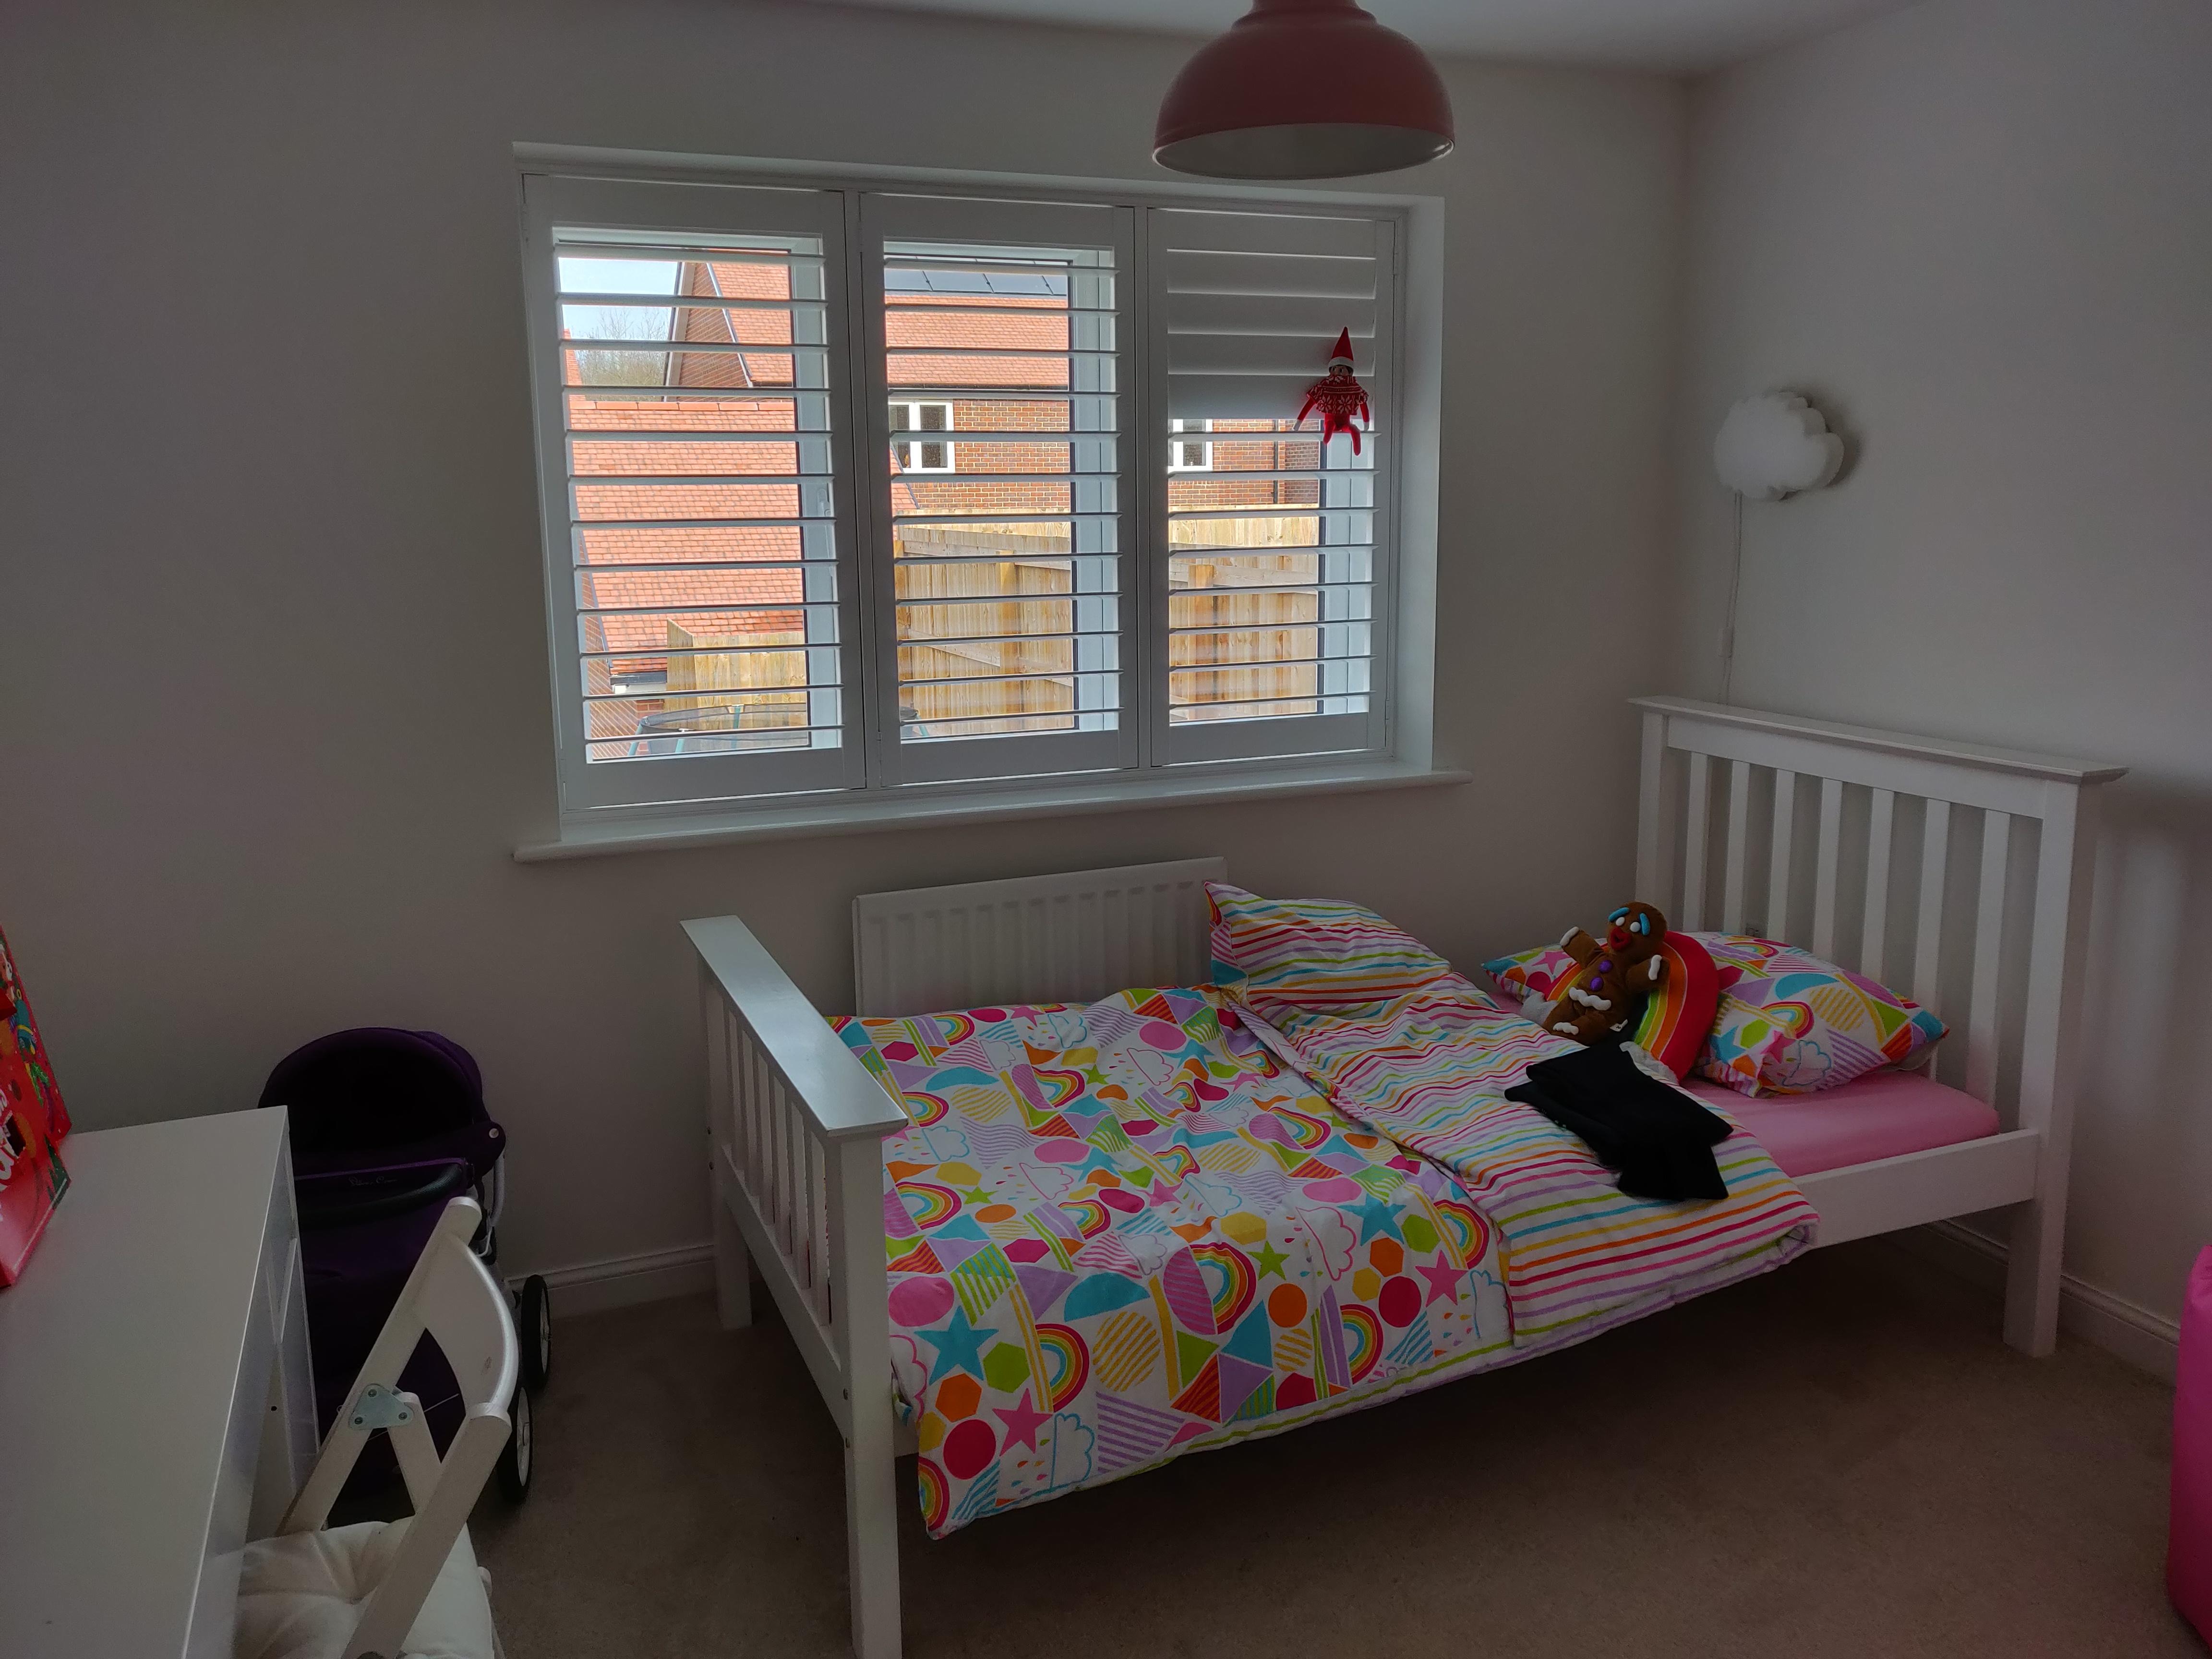 Child Safe Shutters Blinds Bishopstoke Eastleigh